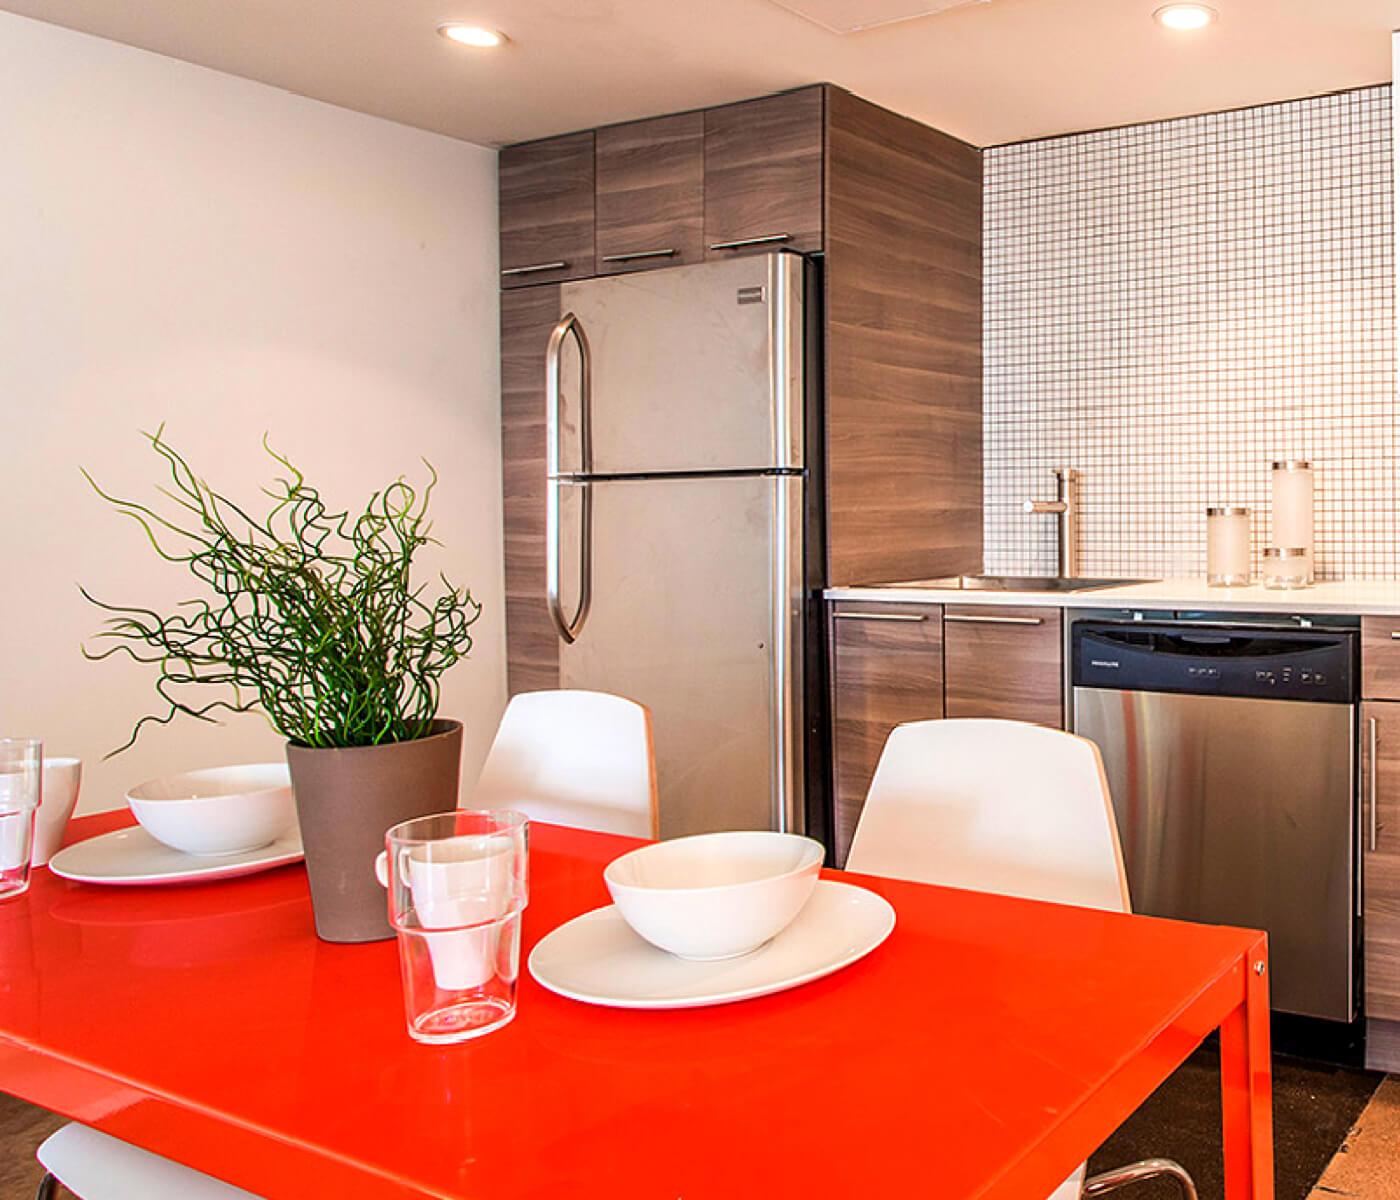 Student Apartments: Tempe, AZ Student Apartments